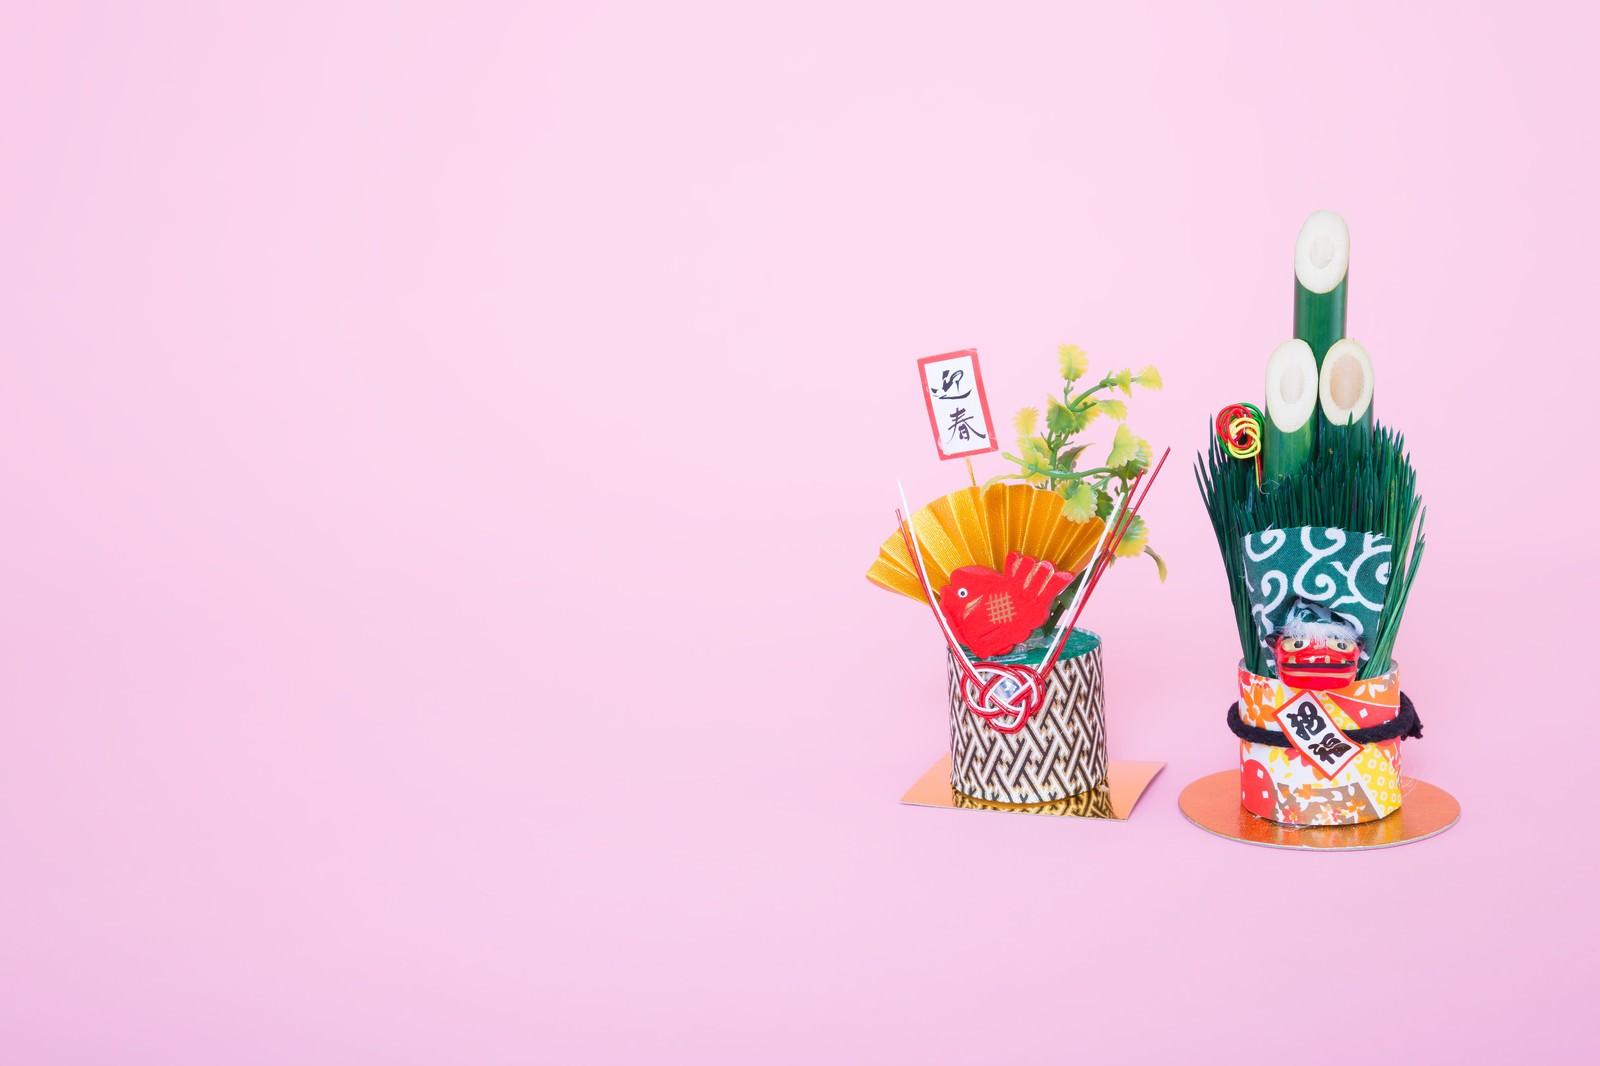 「年賀状用にお正月の飾り(門松)年賀状用にお正月の飾り(門松)」のフリー写真素材を拡大